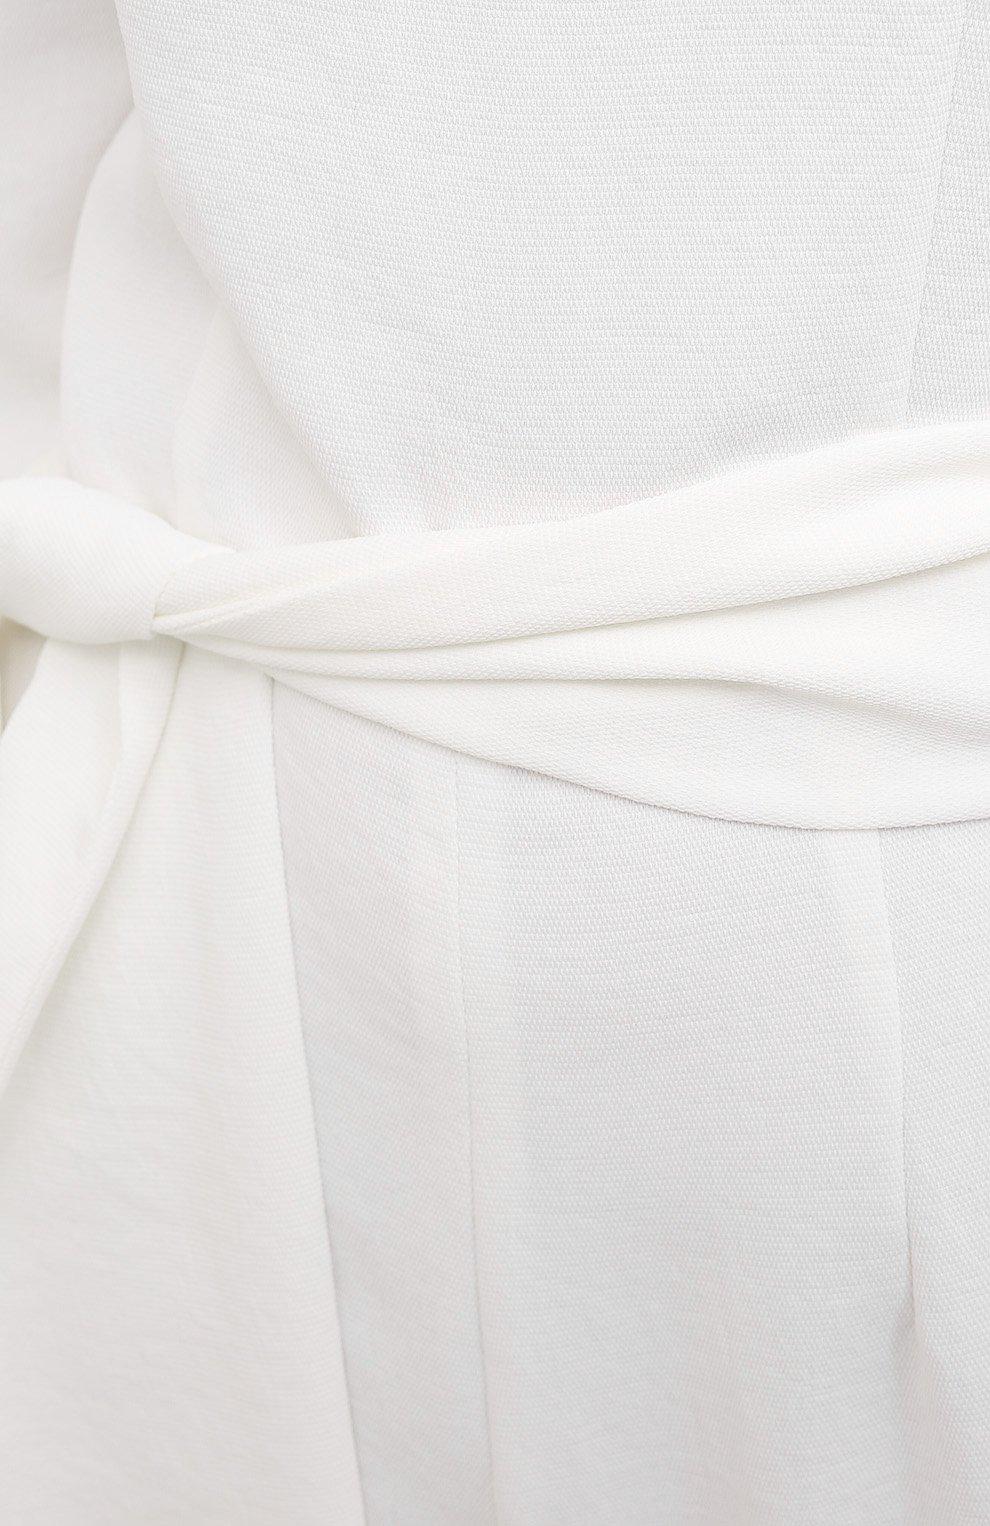 Женский комбинезон GALVAN LONDON белого цвета, арт. 220SEPS2040   Фото 5 (Длина (брюки, джинсы): Удлиненные; Рукава: Длинные; Случай: Повседневный; Материал внешний: Синтетический материал; Стили: Романтичный, Кэжуэл; Женское Кросс-КТ: Комбинезон-одежда)